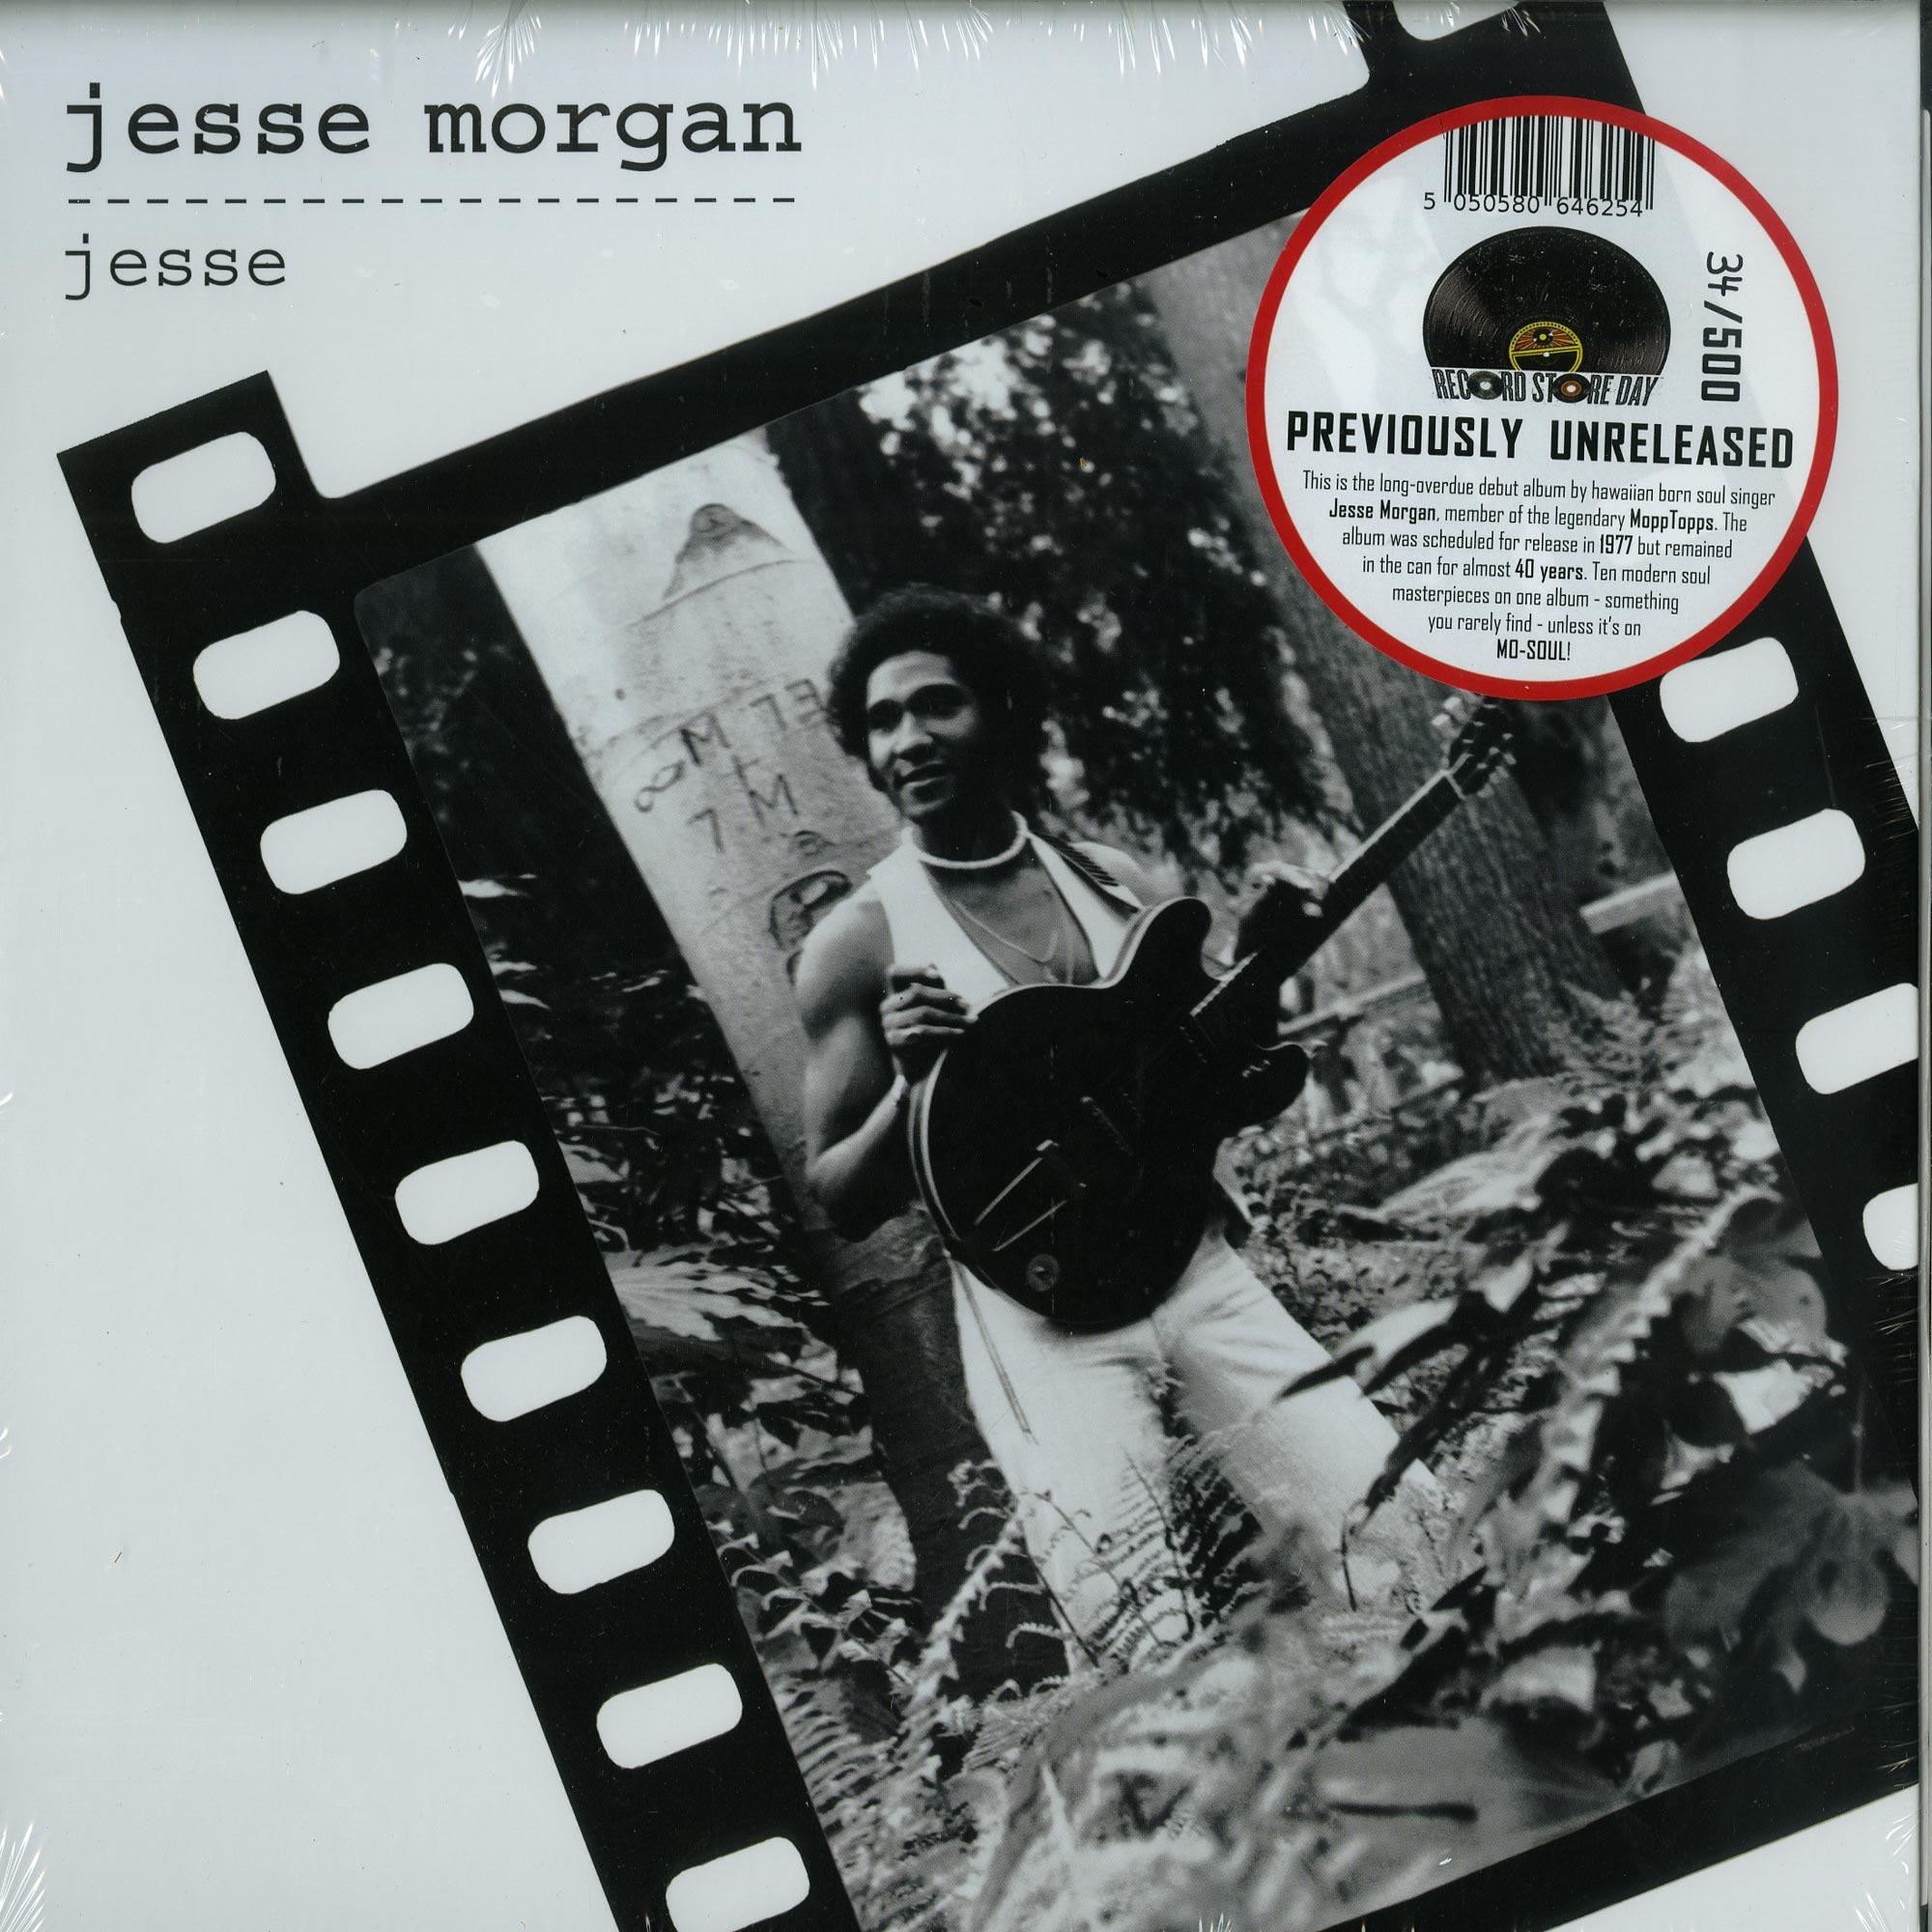 Jesse Morgan - JESSE